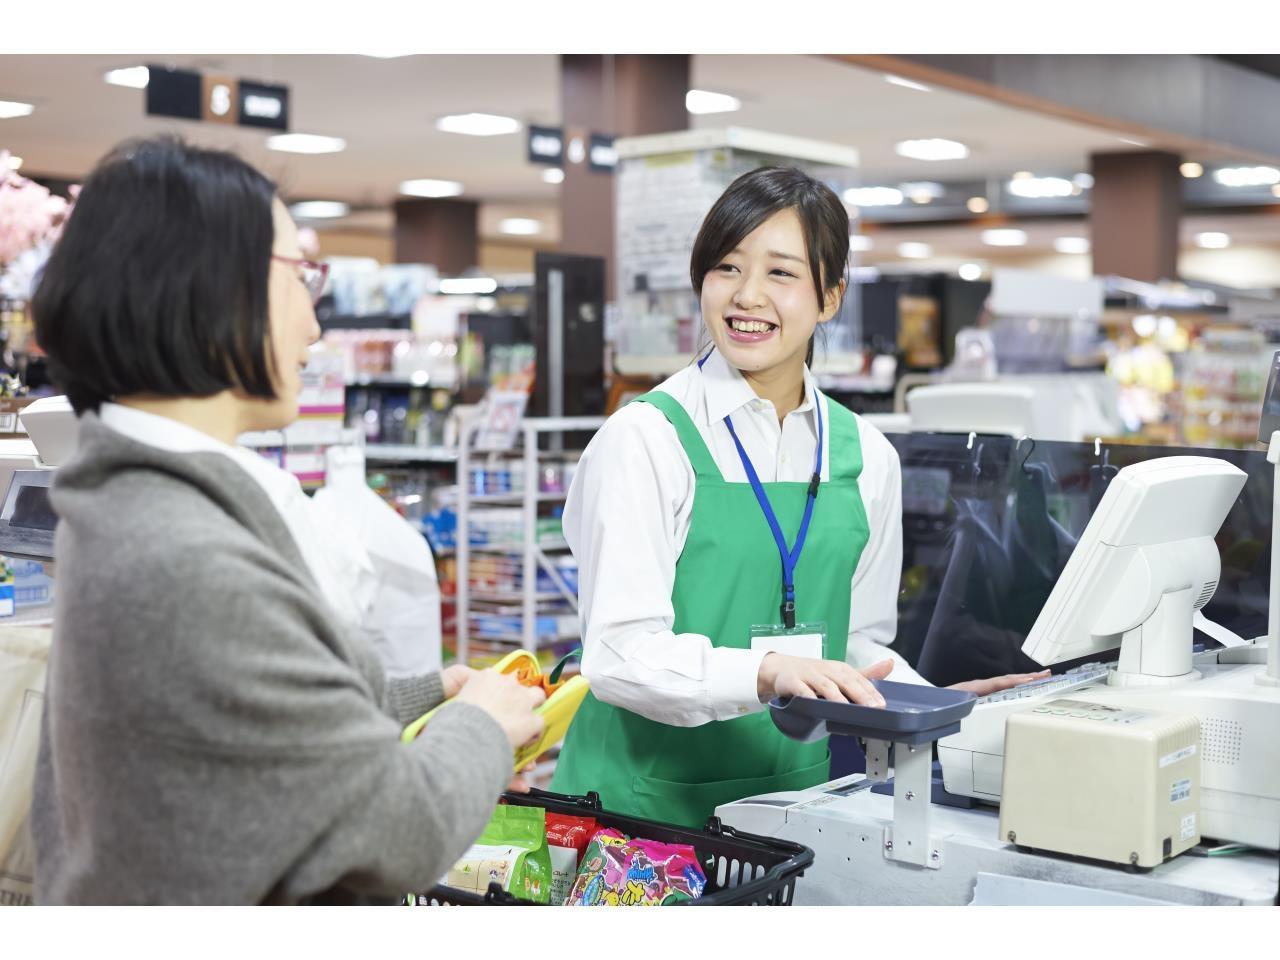 スーパーマーケットでの日勤レジスタッフ